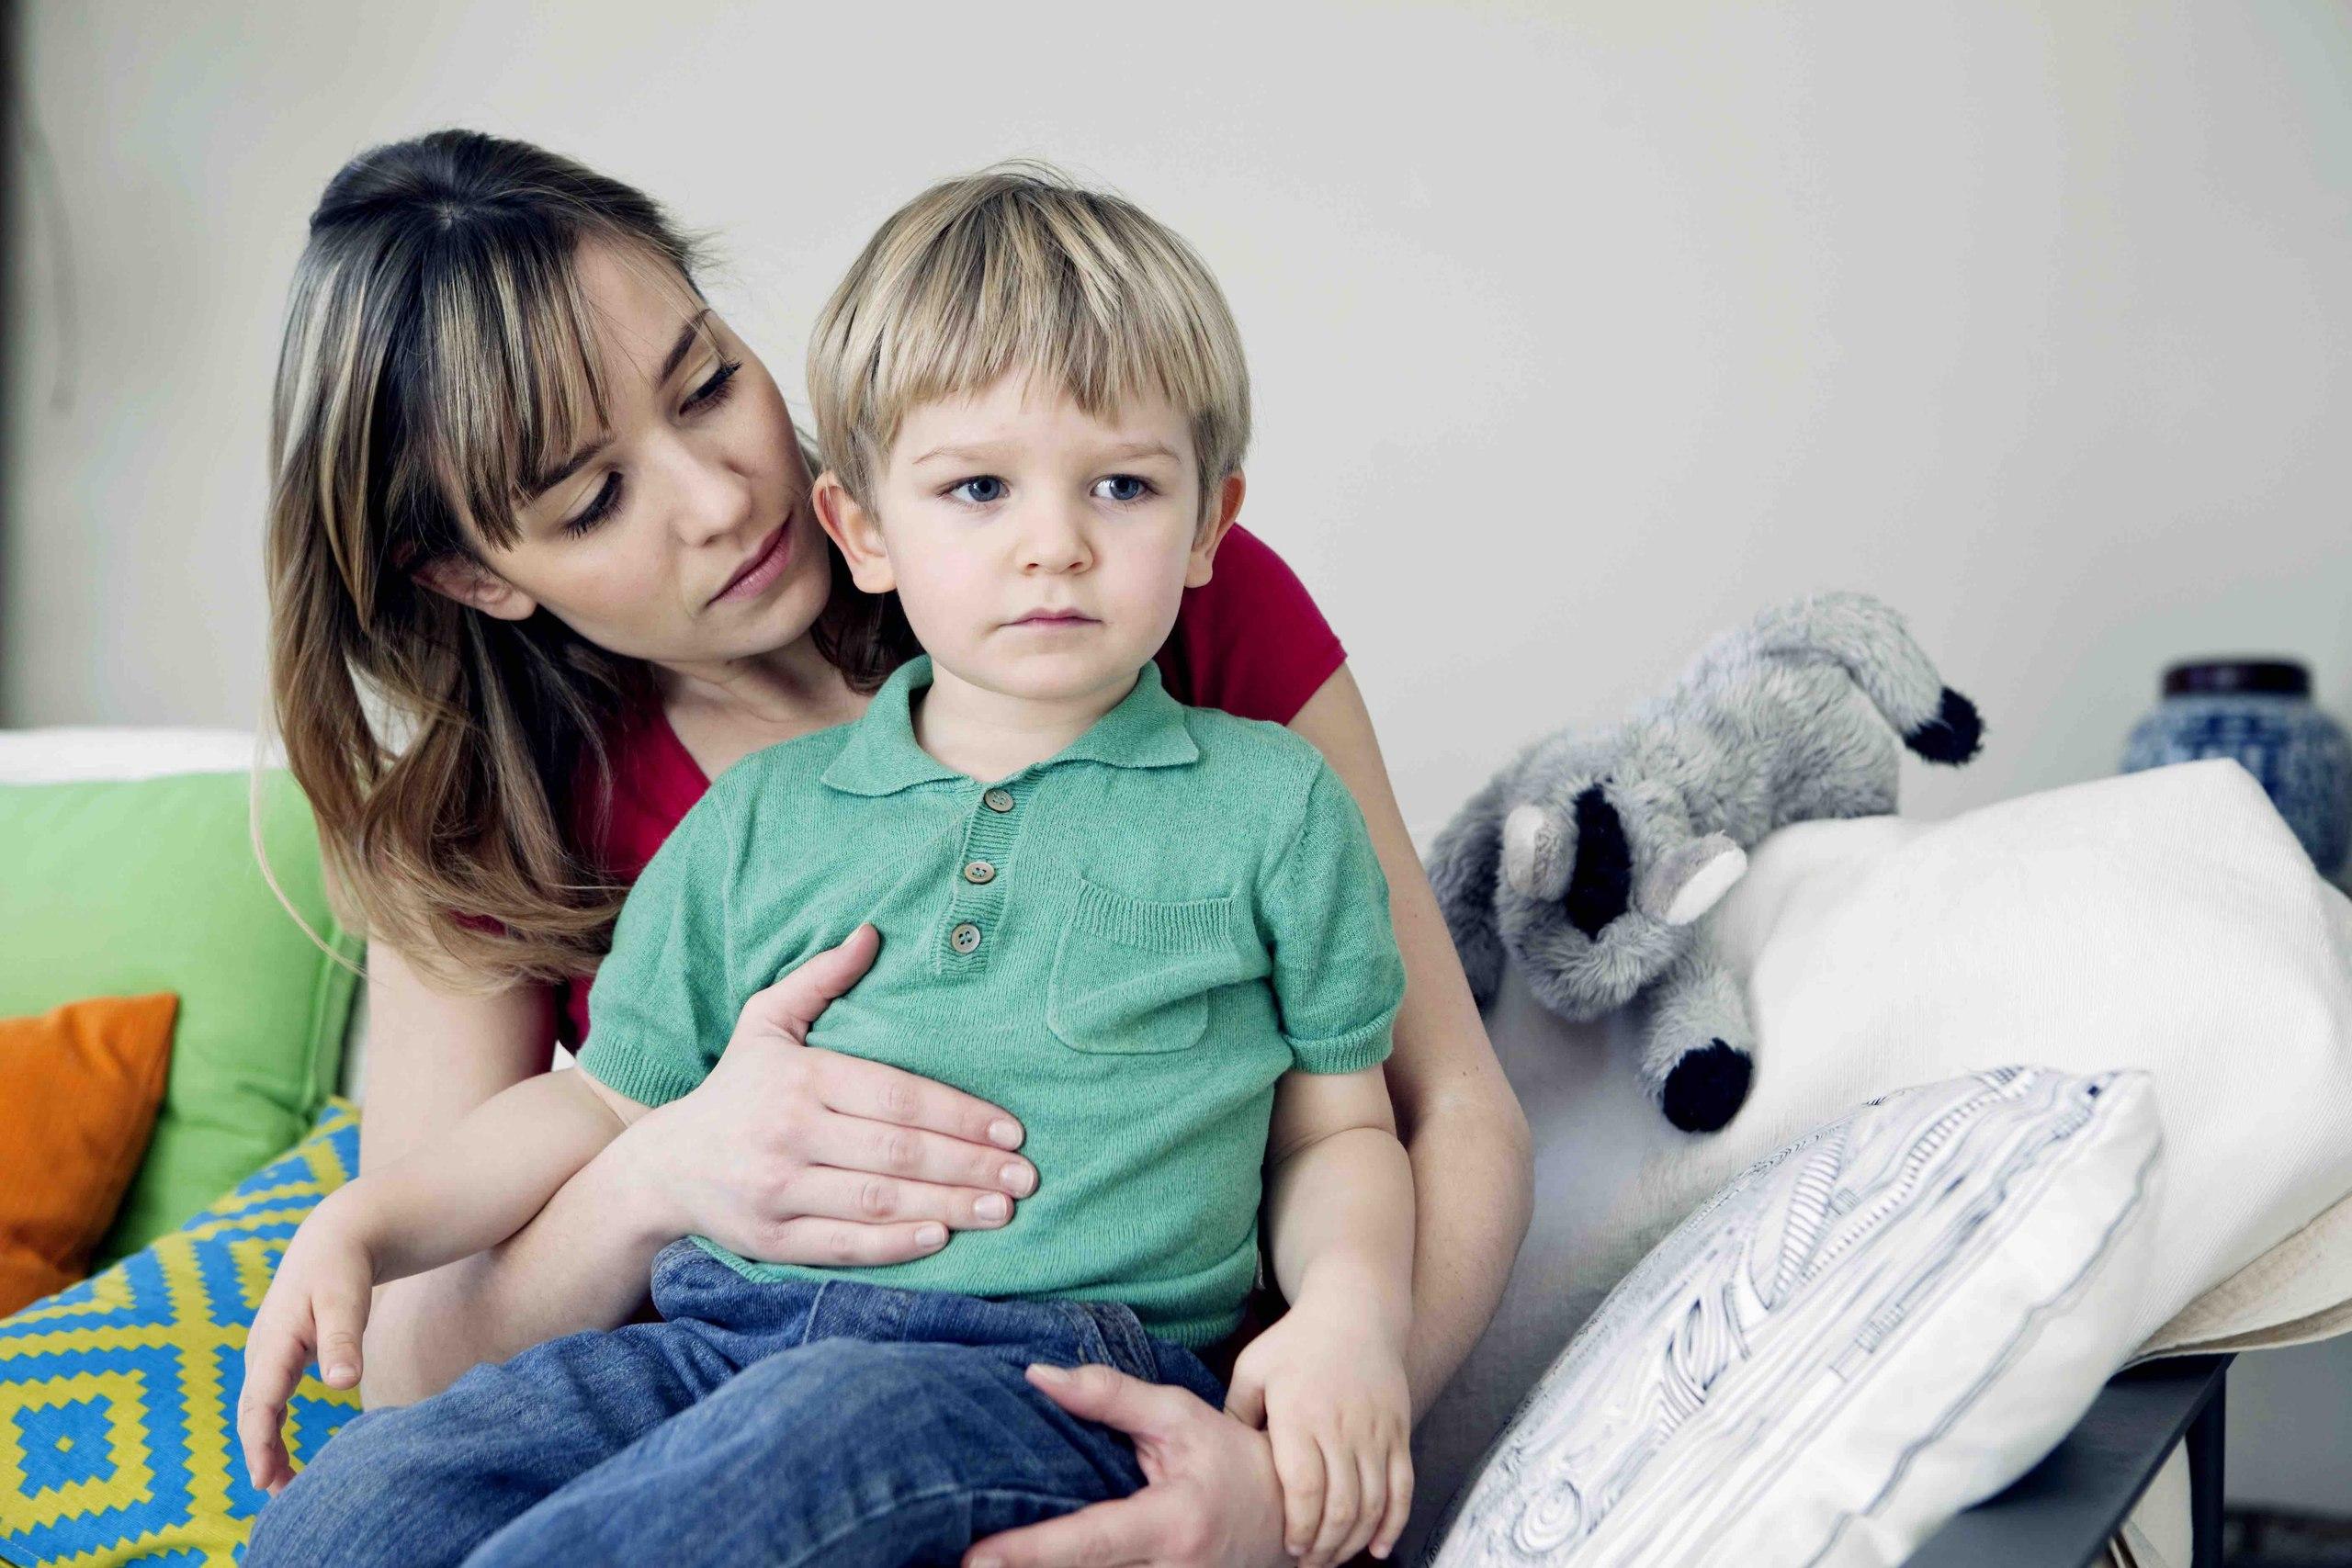 Лечение аутизма - пищеварительная аллергия и поведенческие проблемы